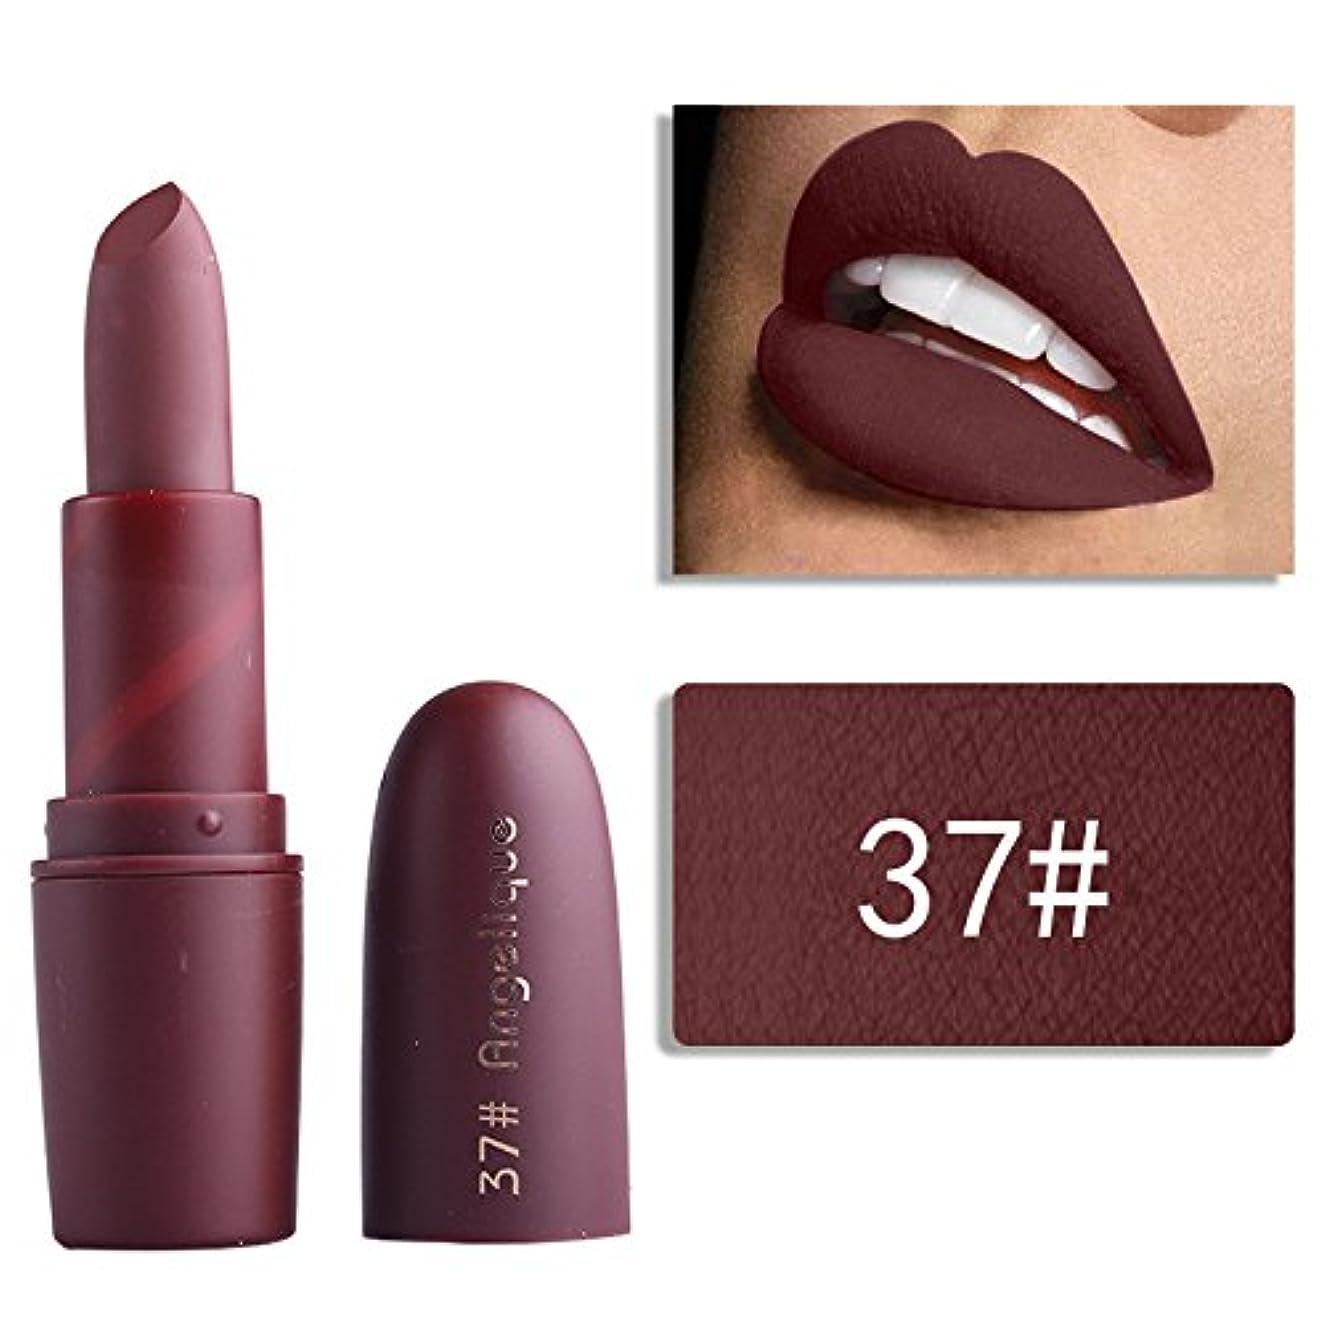 息苦しい繁雑合併Miss Rose Nude Lipstick 22 colors Waterproof Vampire Brown Beauty Baby Lips Batom Matte lipstick Makeup Tats Eugenie...